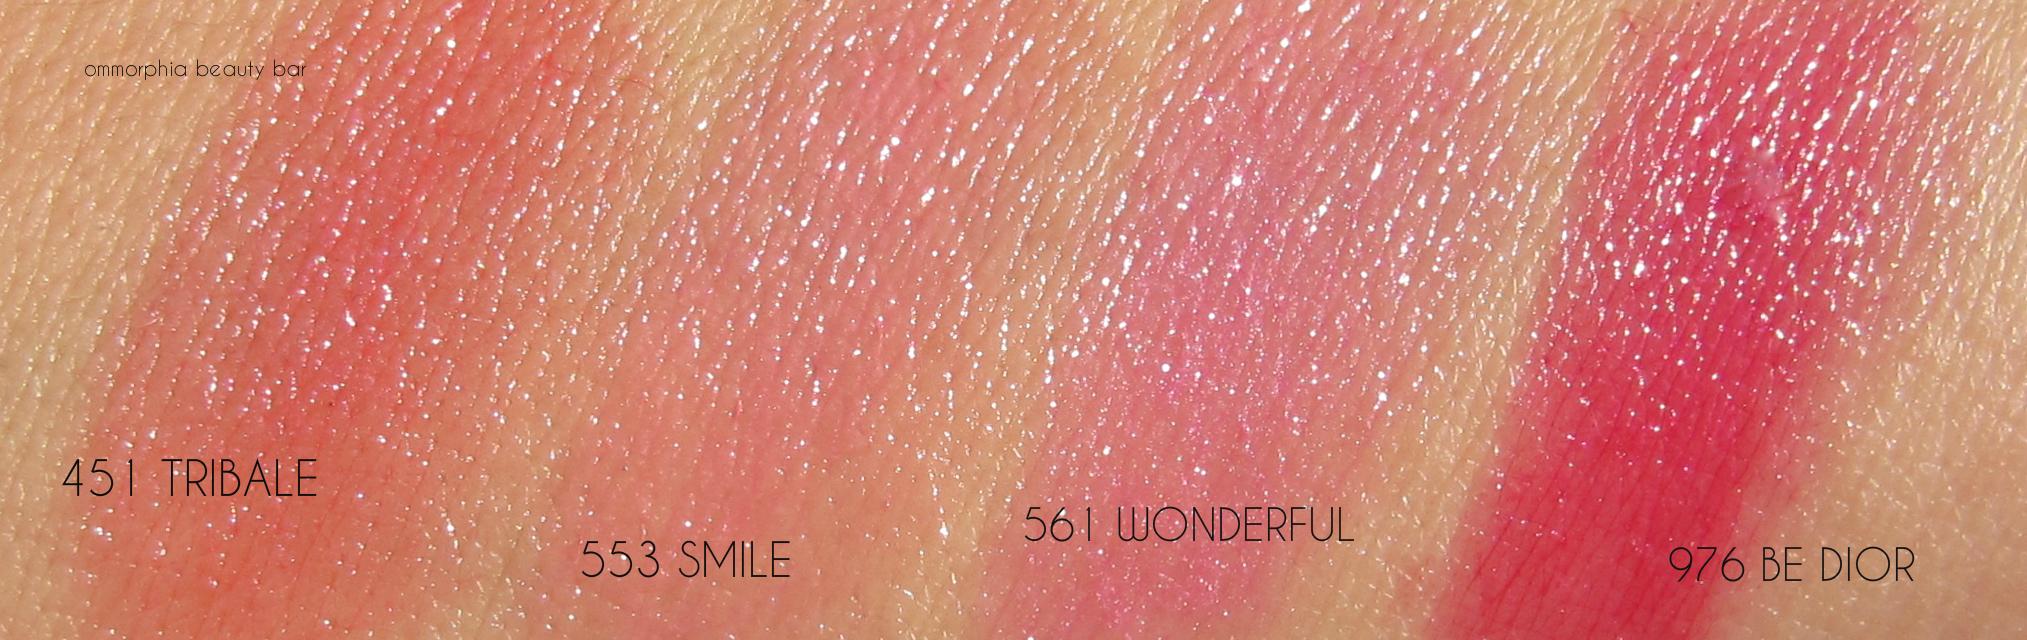 5f7d4a09d75 Dior Addict Lipstick